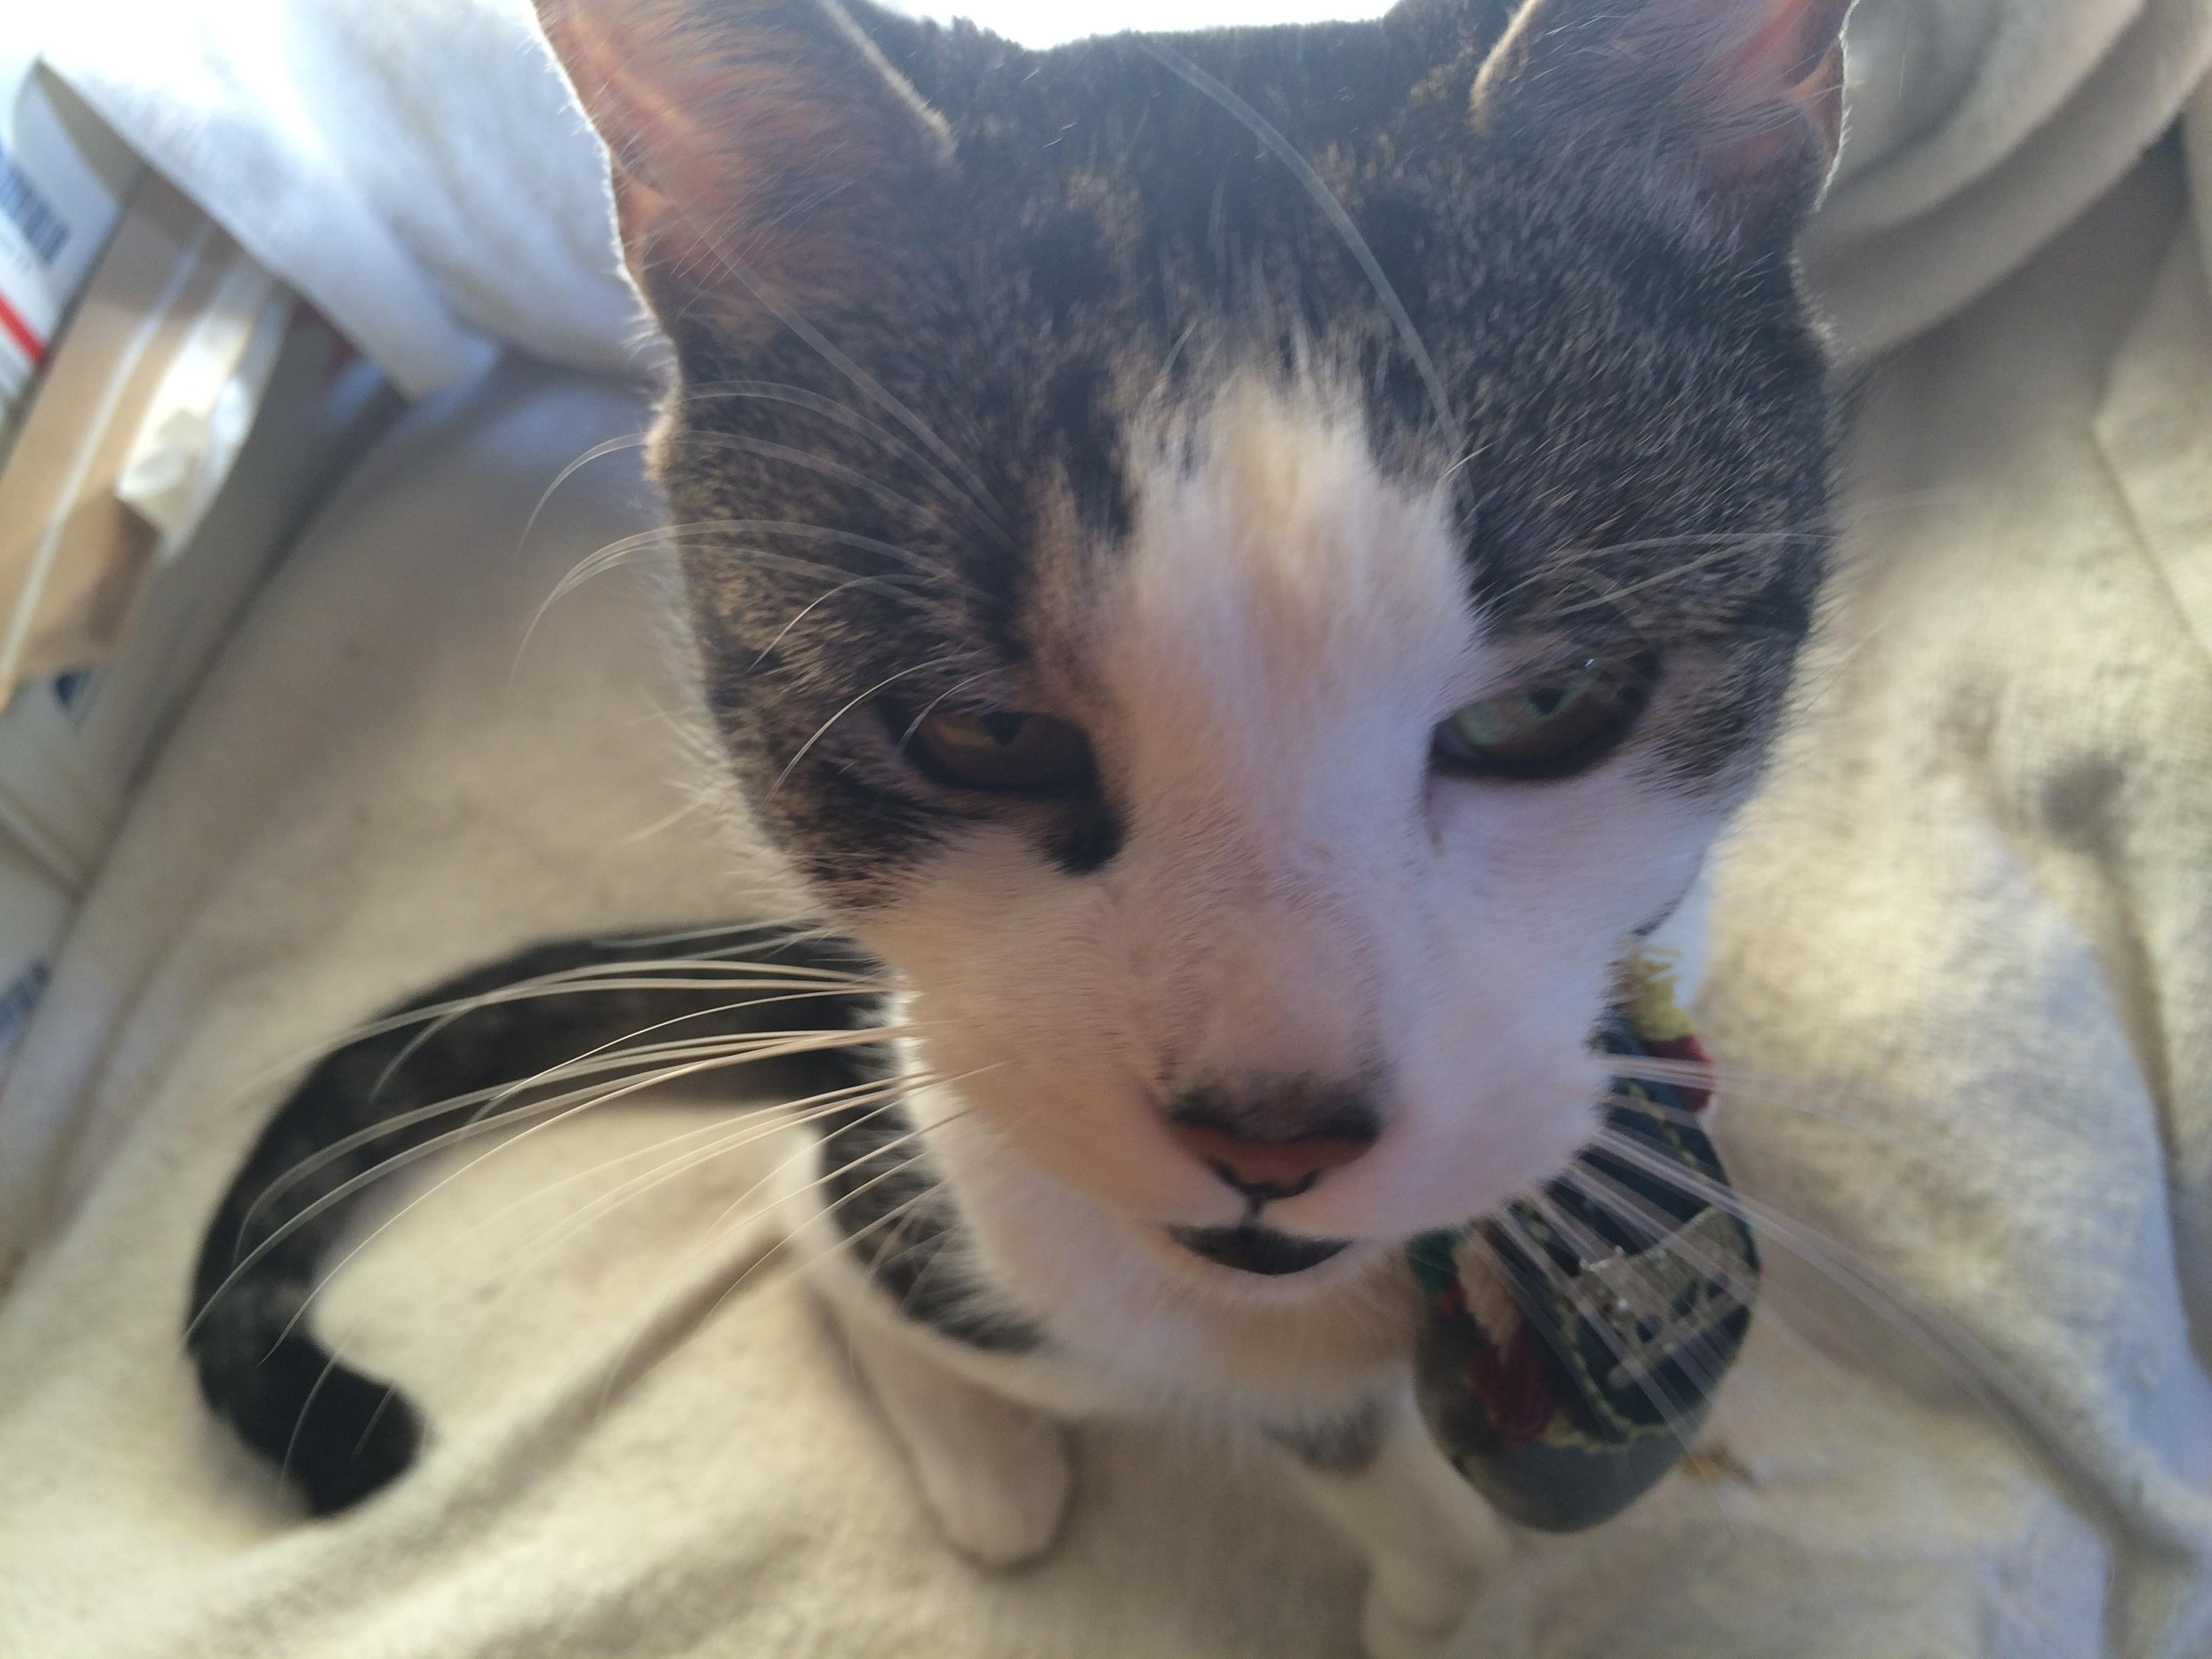 Cat with kidney stones